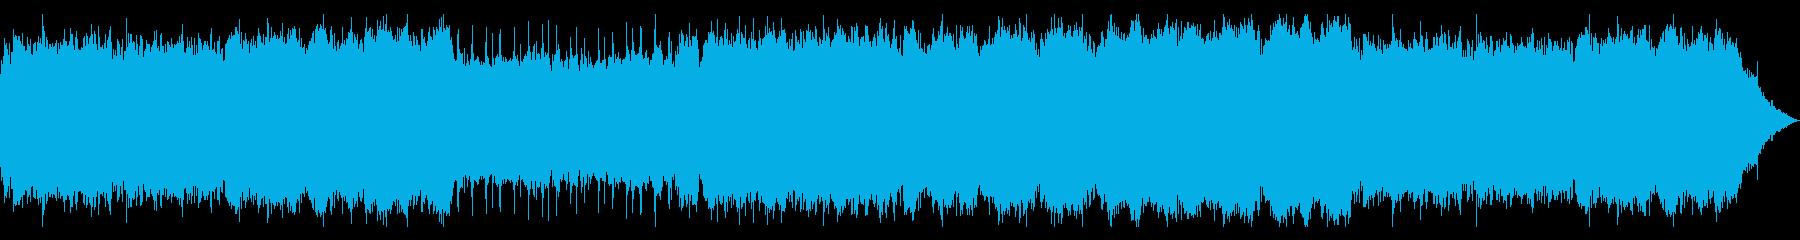 精霊たちの憩いのBGMの再生済みの波形